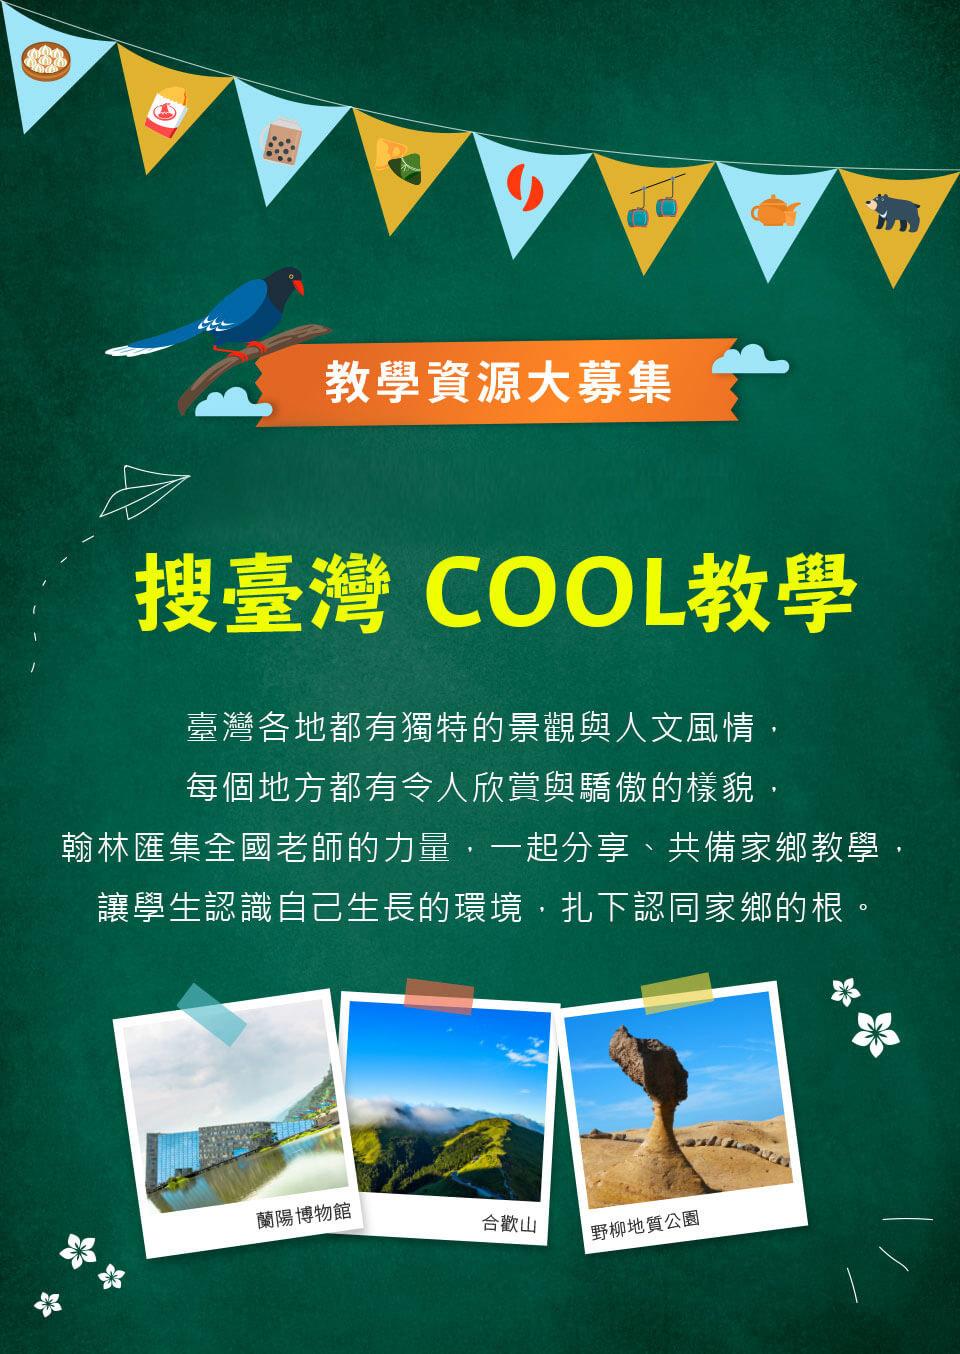 臺灣各地都有獨特的景觀與人文風情,每個地方都有令人欣賞與驕傲的樣貌,我們需要您的分享,一起線上共備家鄉課程,讓學生認識自己生長的環境,扎下認同家鄉的根。